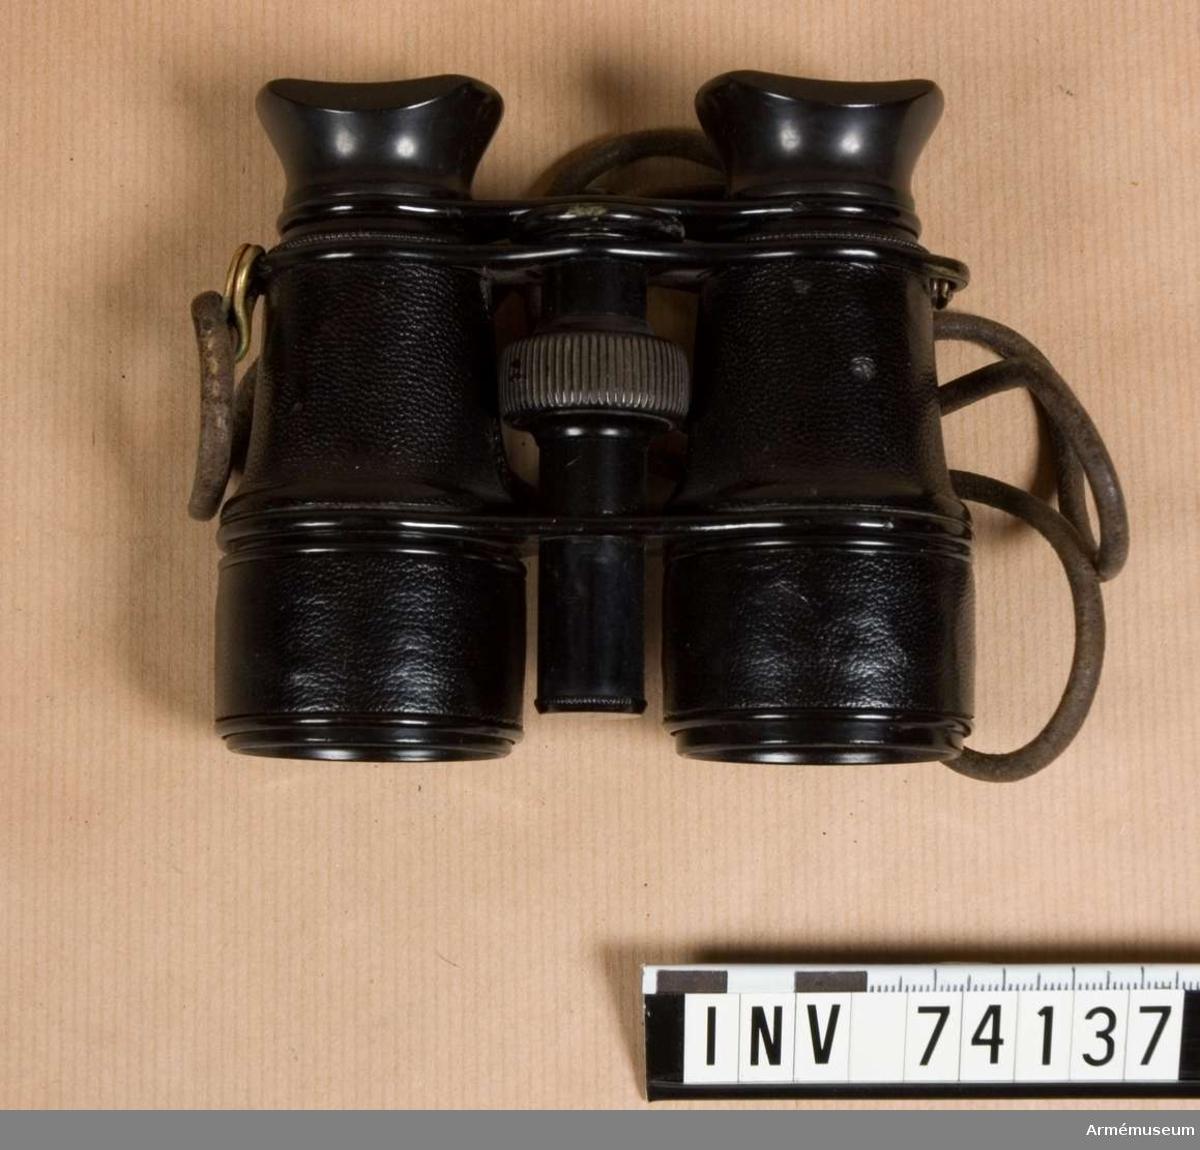 Grupp F III.  Samhörande stativ i fodral samt transportlåda, som ,utom kikaren,även inrymmer diverse tillbehör. Märkt No. 19.